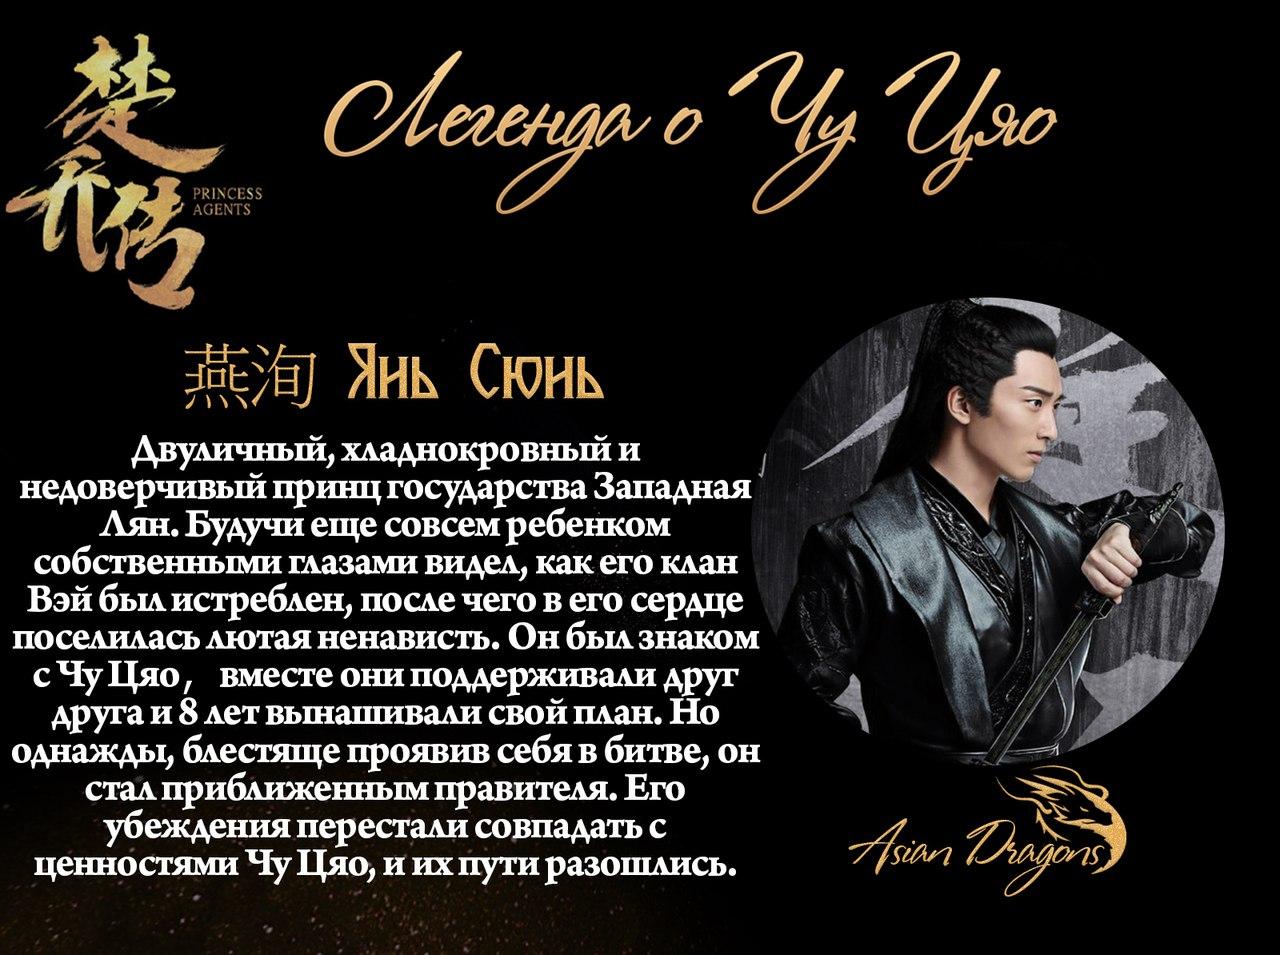 https://pp.userapi.com/c836430/v836430158/4fe87/so5ke37_sQg.jpg